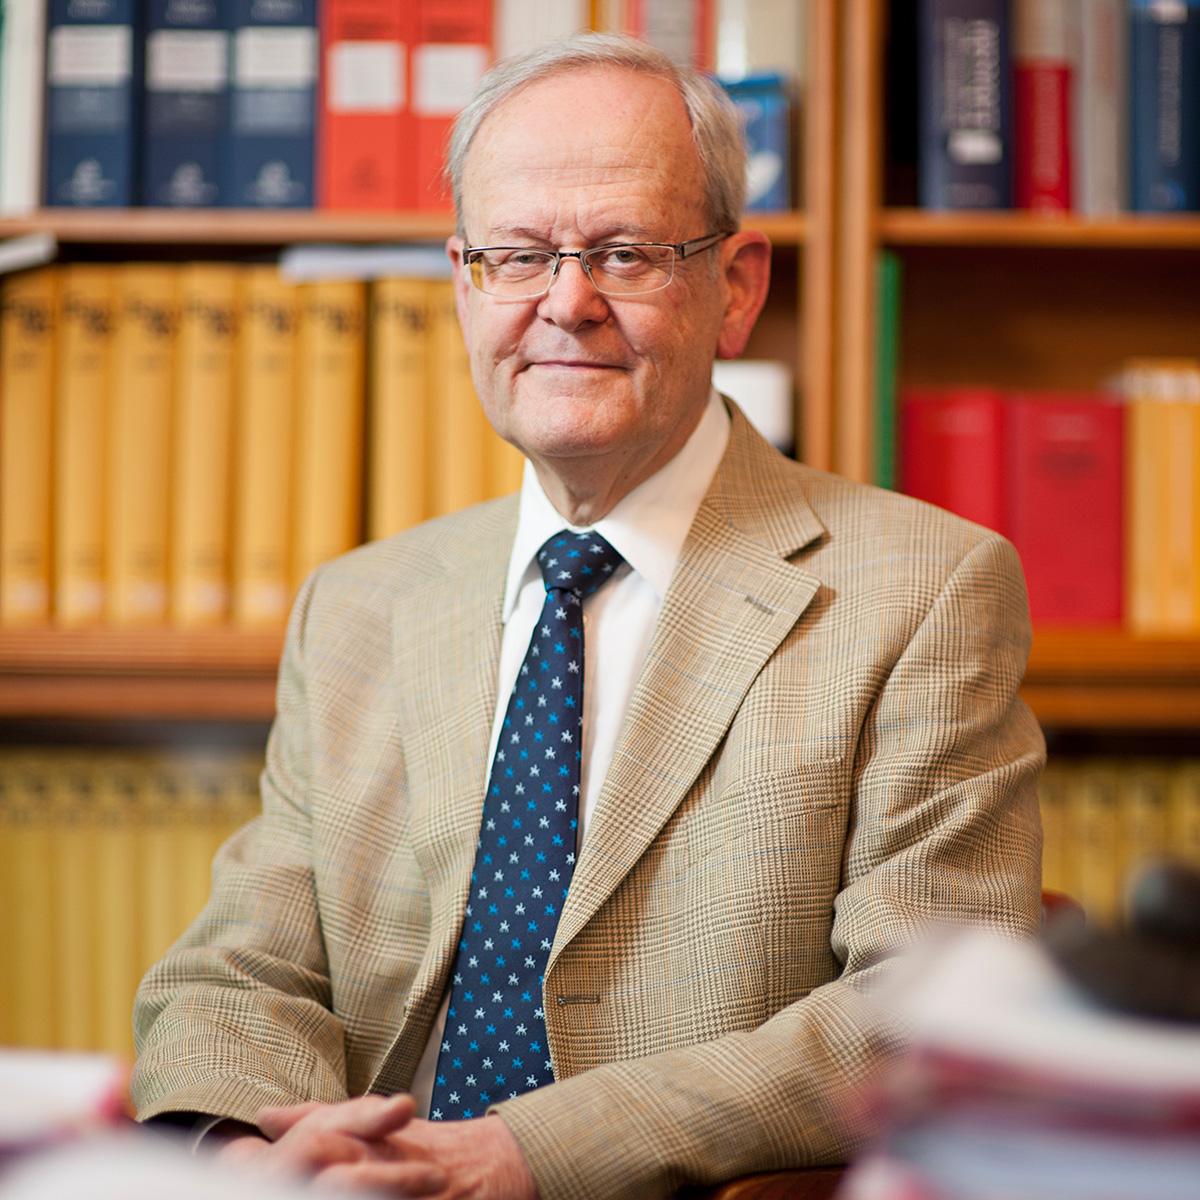 Martin Sichtermann